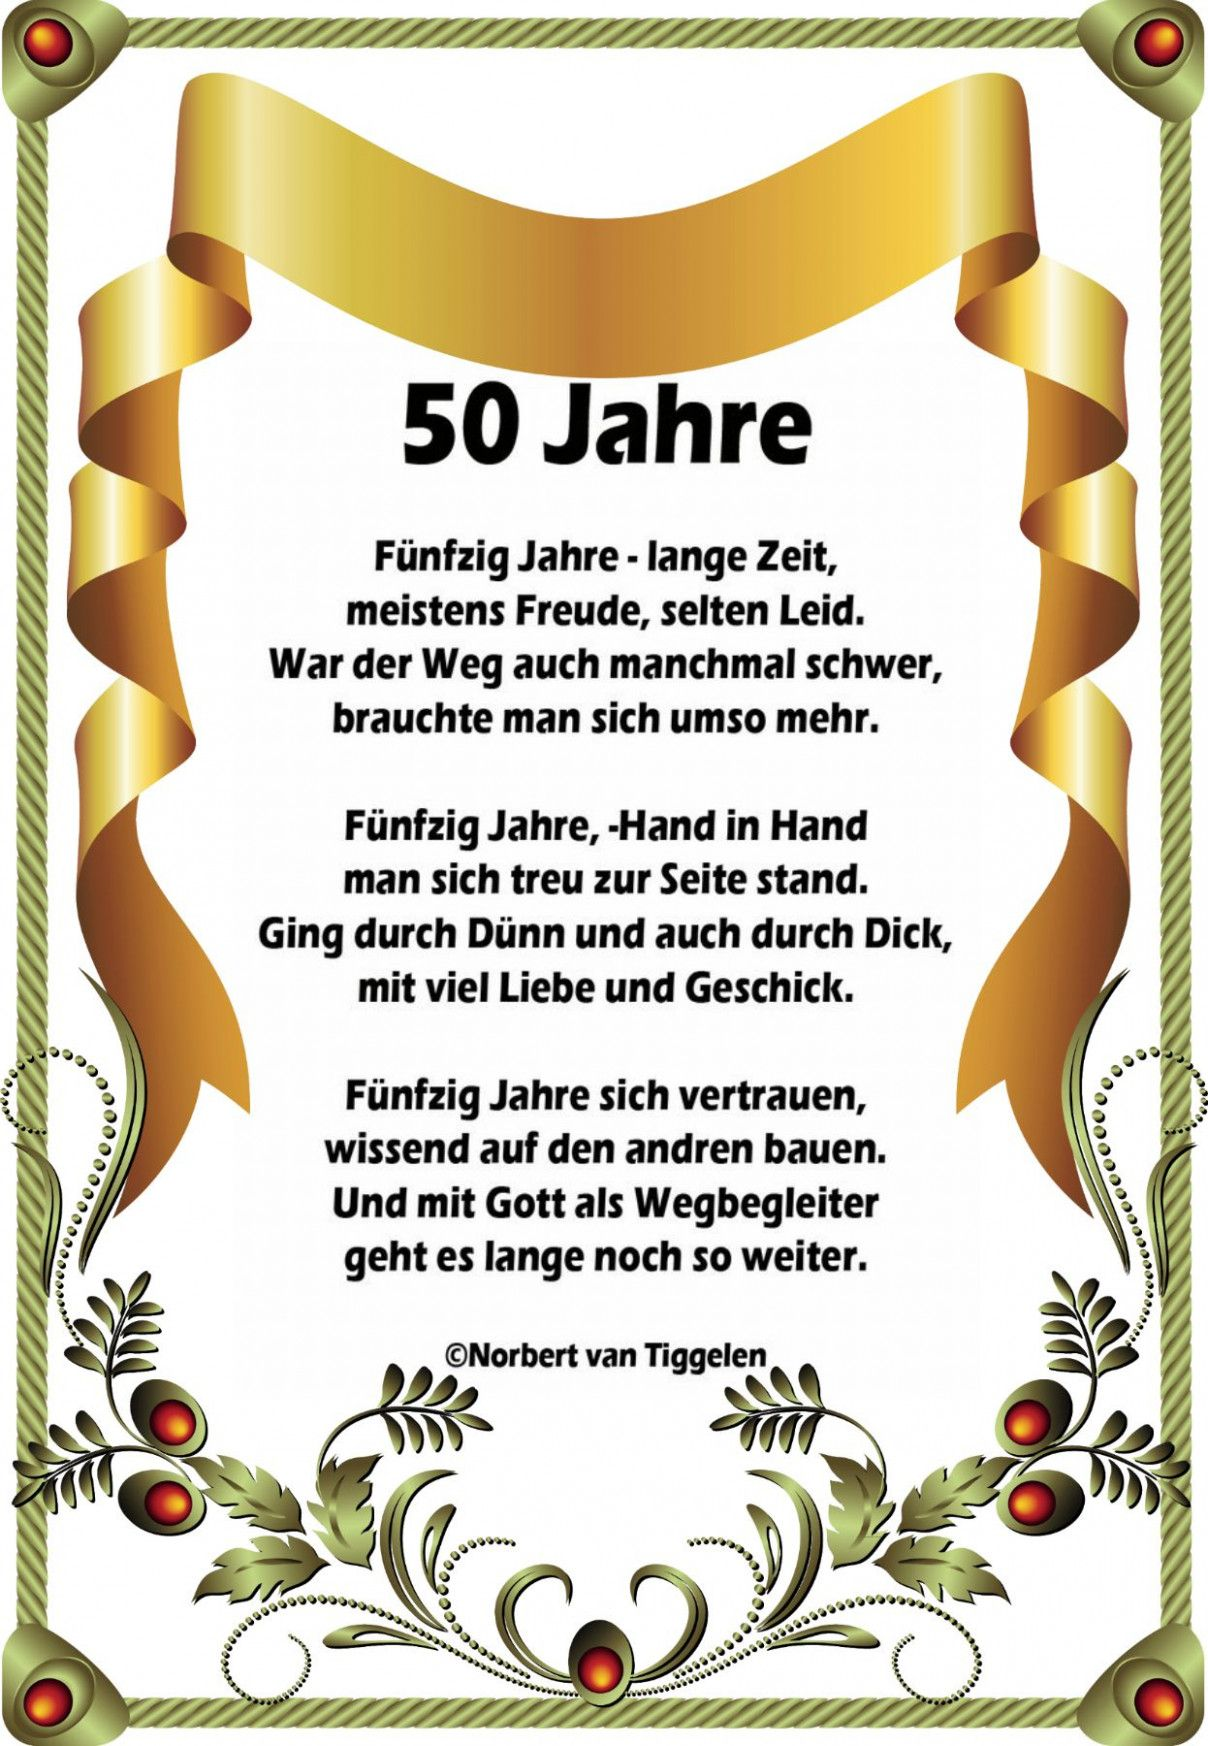 Christliche Verse Zur Diamantenen Hochzeit Spruche Zur Goldenen Hochzeit Geschenkideen Goldene Hochzeit Goldene Hochzeit